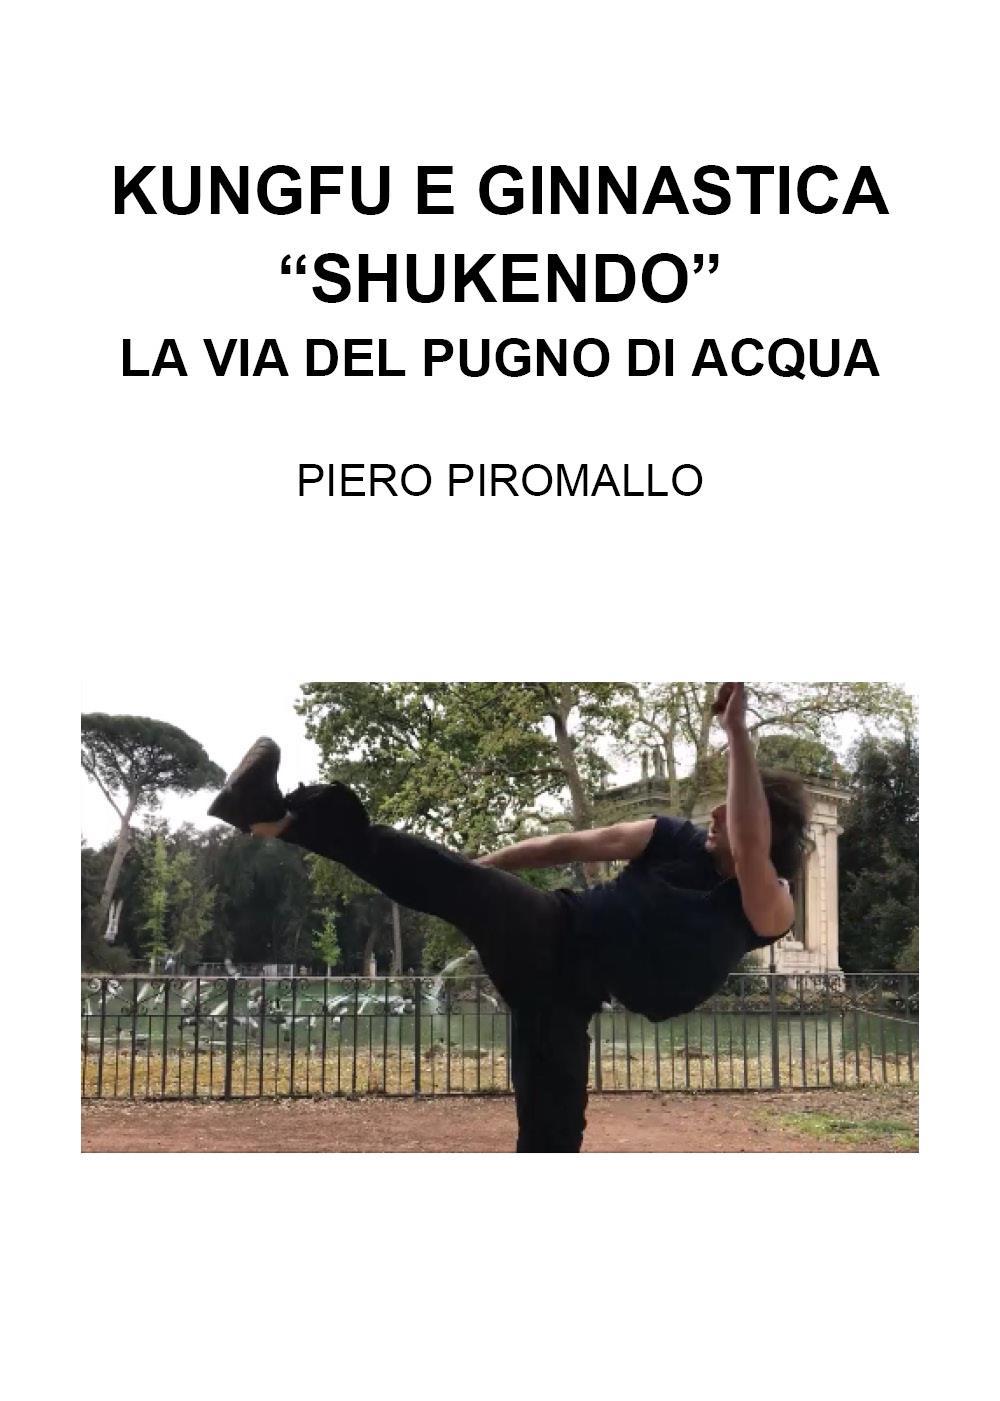 """Kungfu e Ginnastica - """"Shukendo"""" La via del pugno di acqua"""